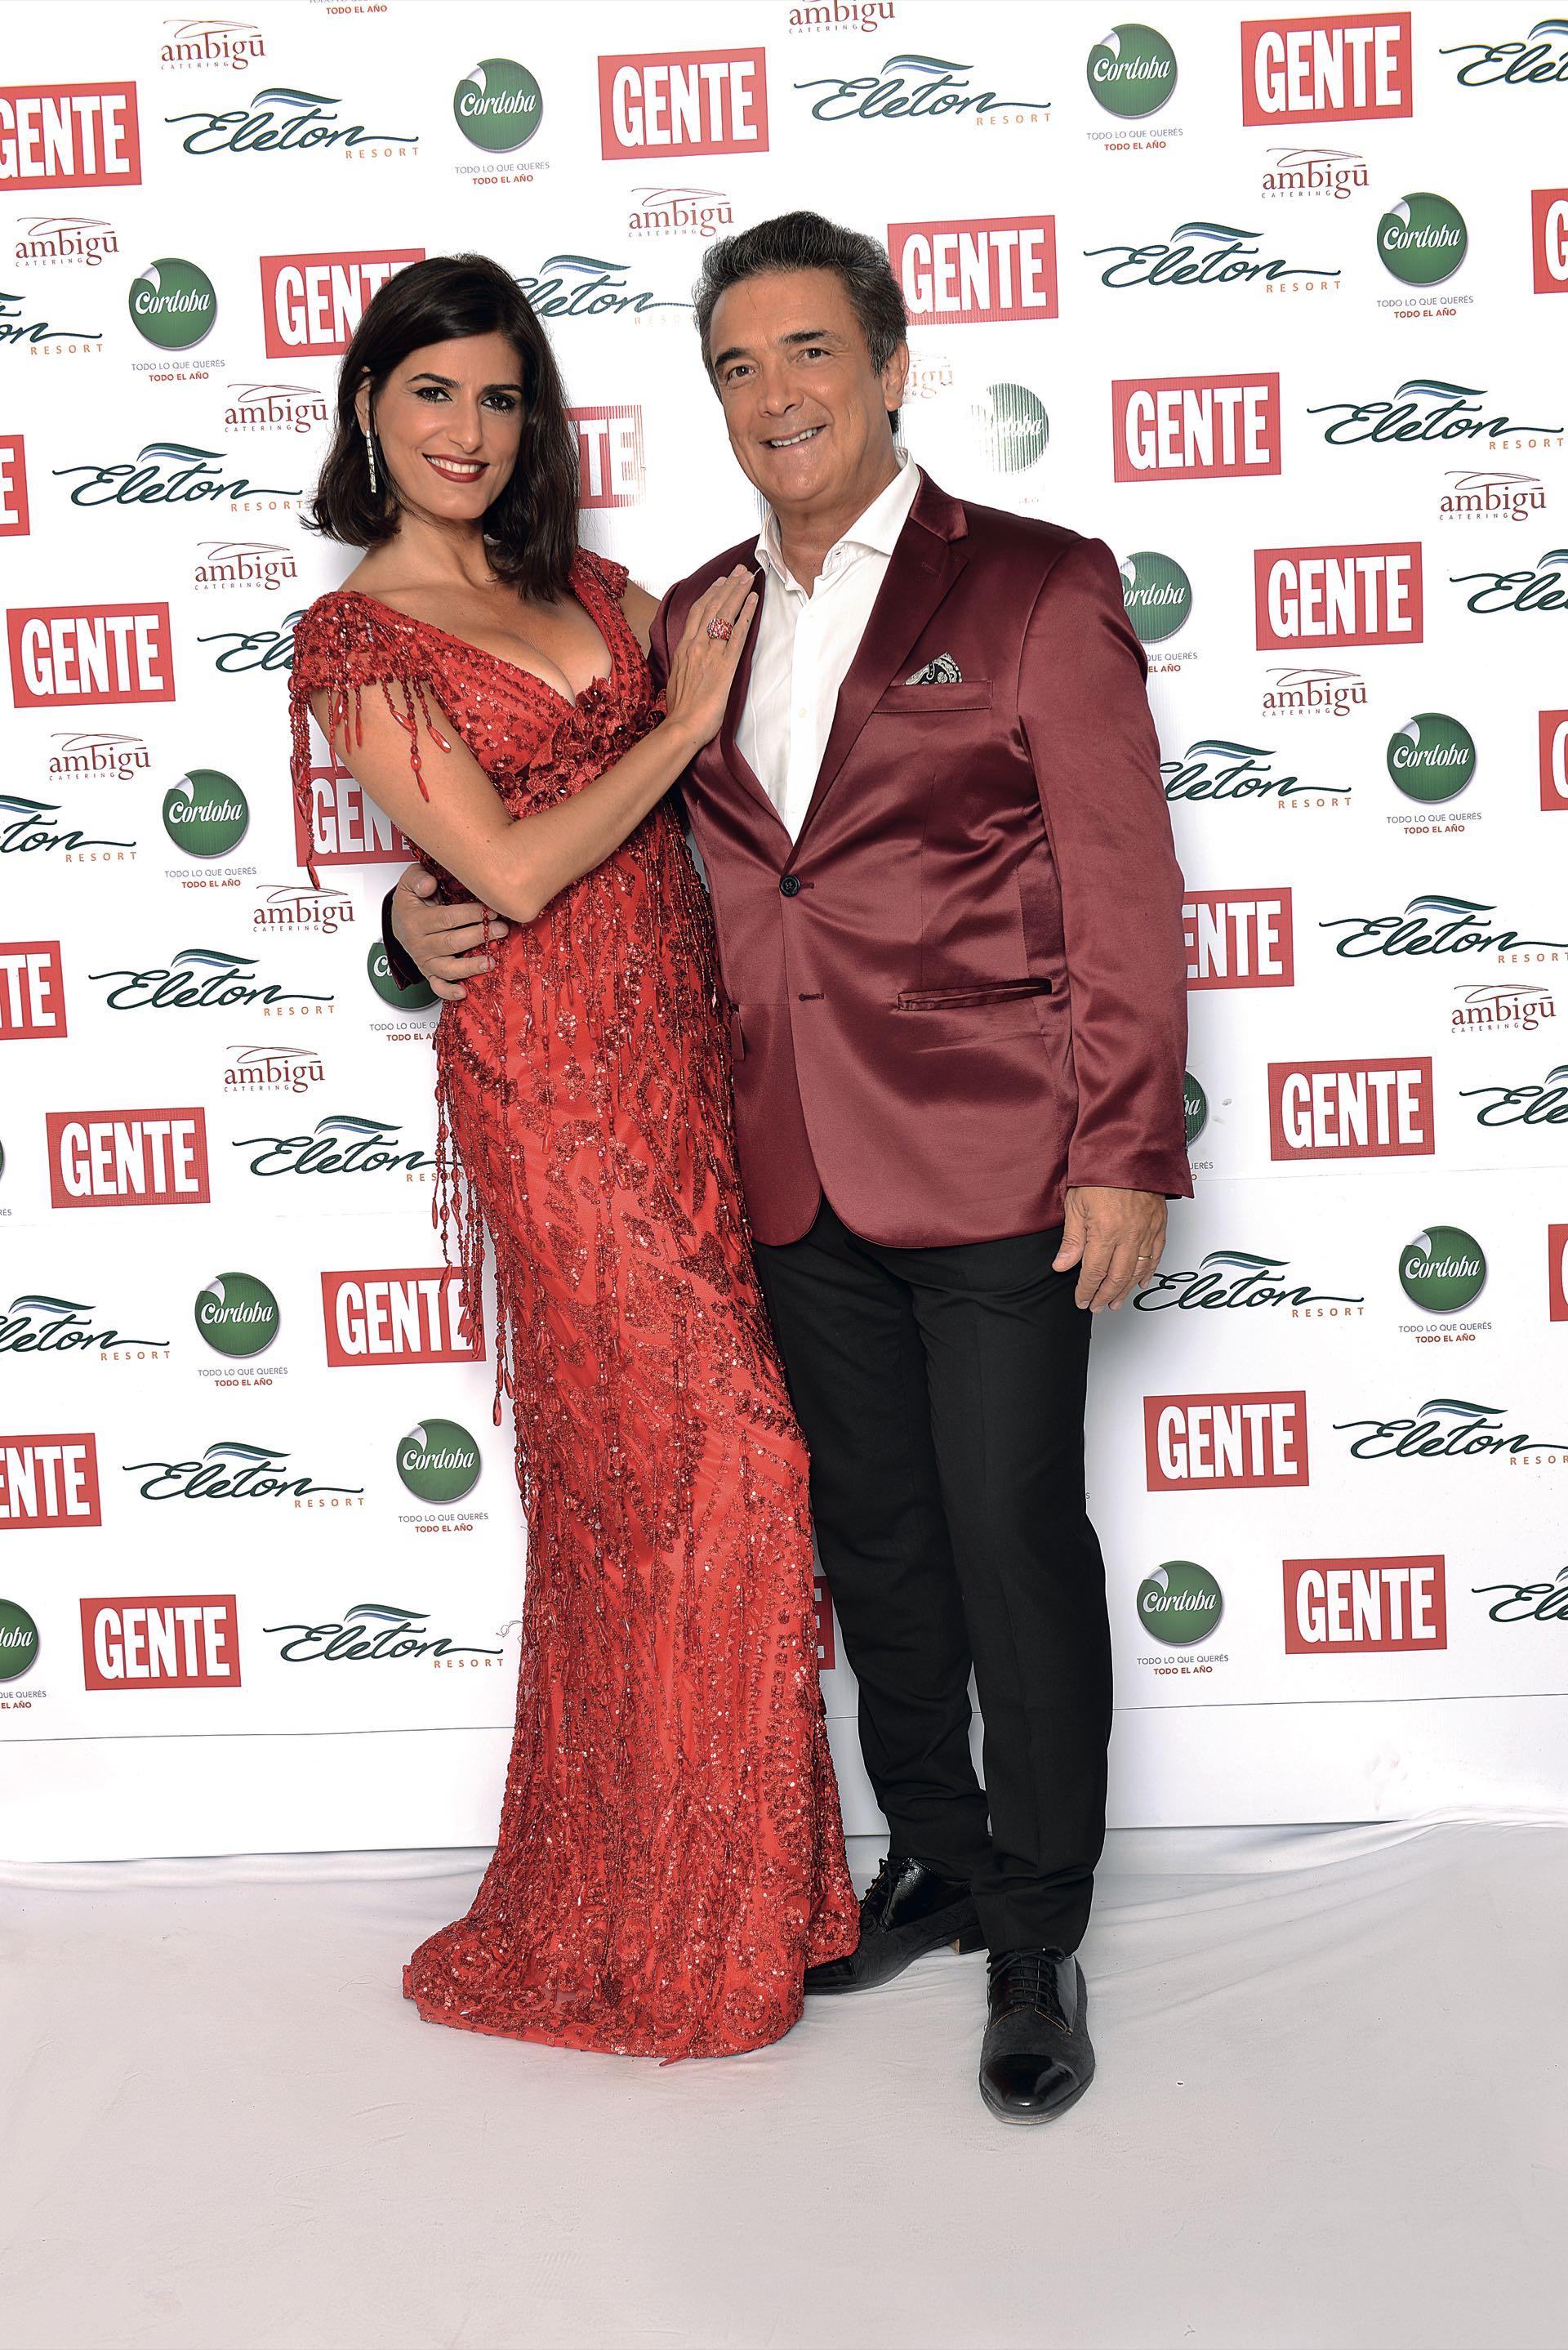 Cecilia Milone, en rojo por Claudio Barzábal. Nito Artaza, por Daniel Casalnovo. (Foto GENTE)